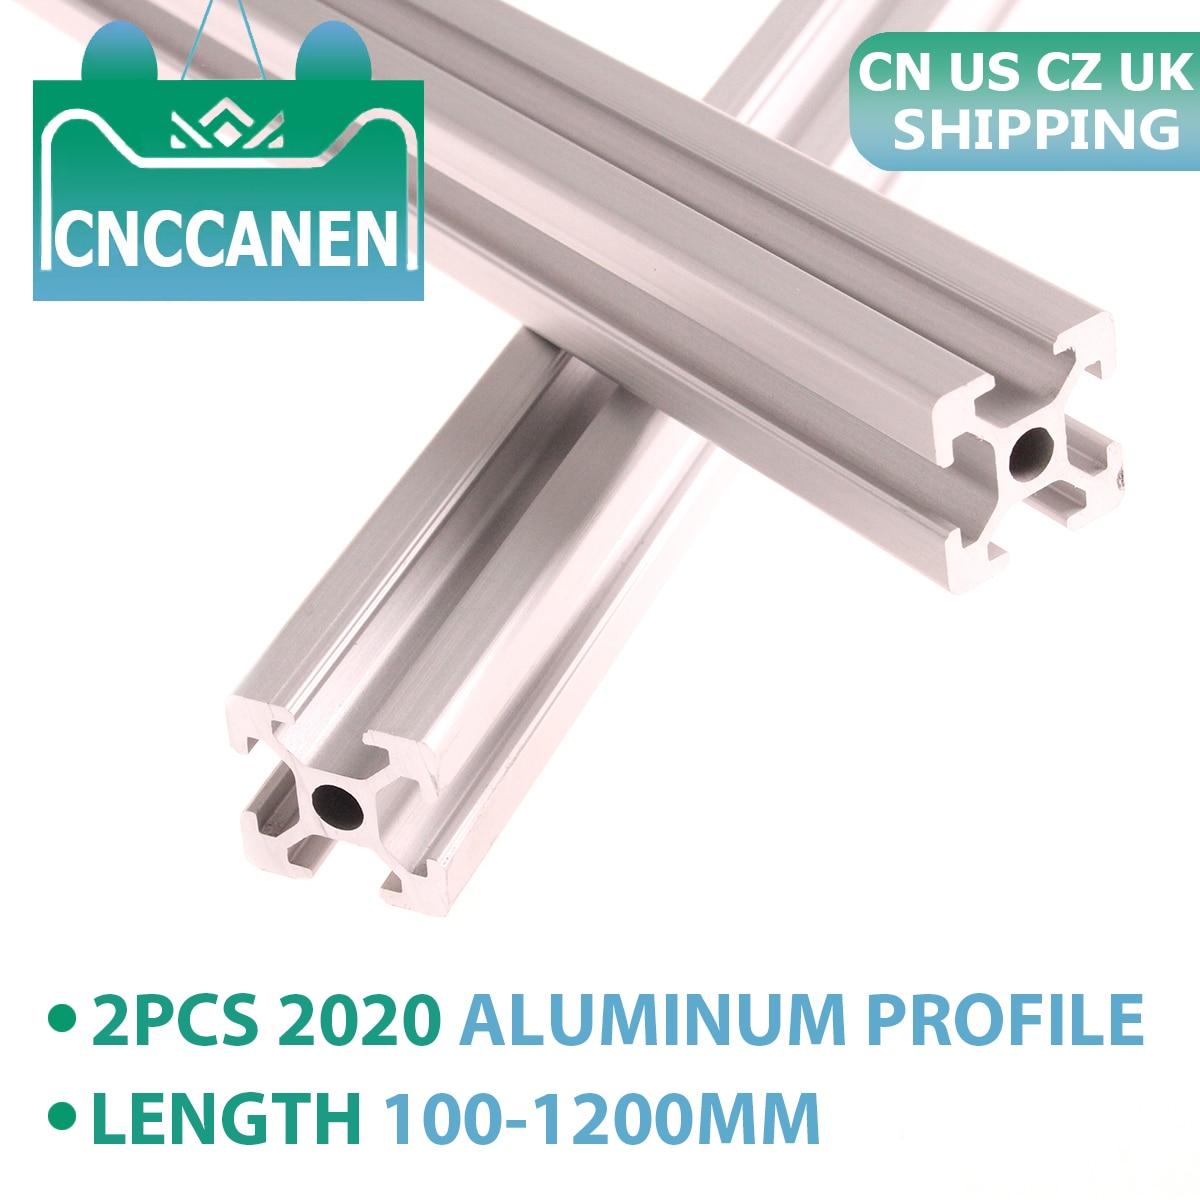 2 pces 2020 alumínio perfil extrusão 2020 padrão europeu trilho linear 100mm a 1200mm de comprimento para cnc 3d impressora peças cz reino unido eua